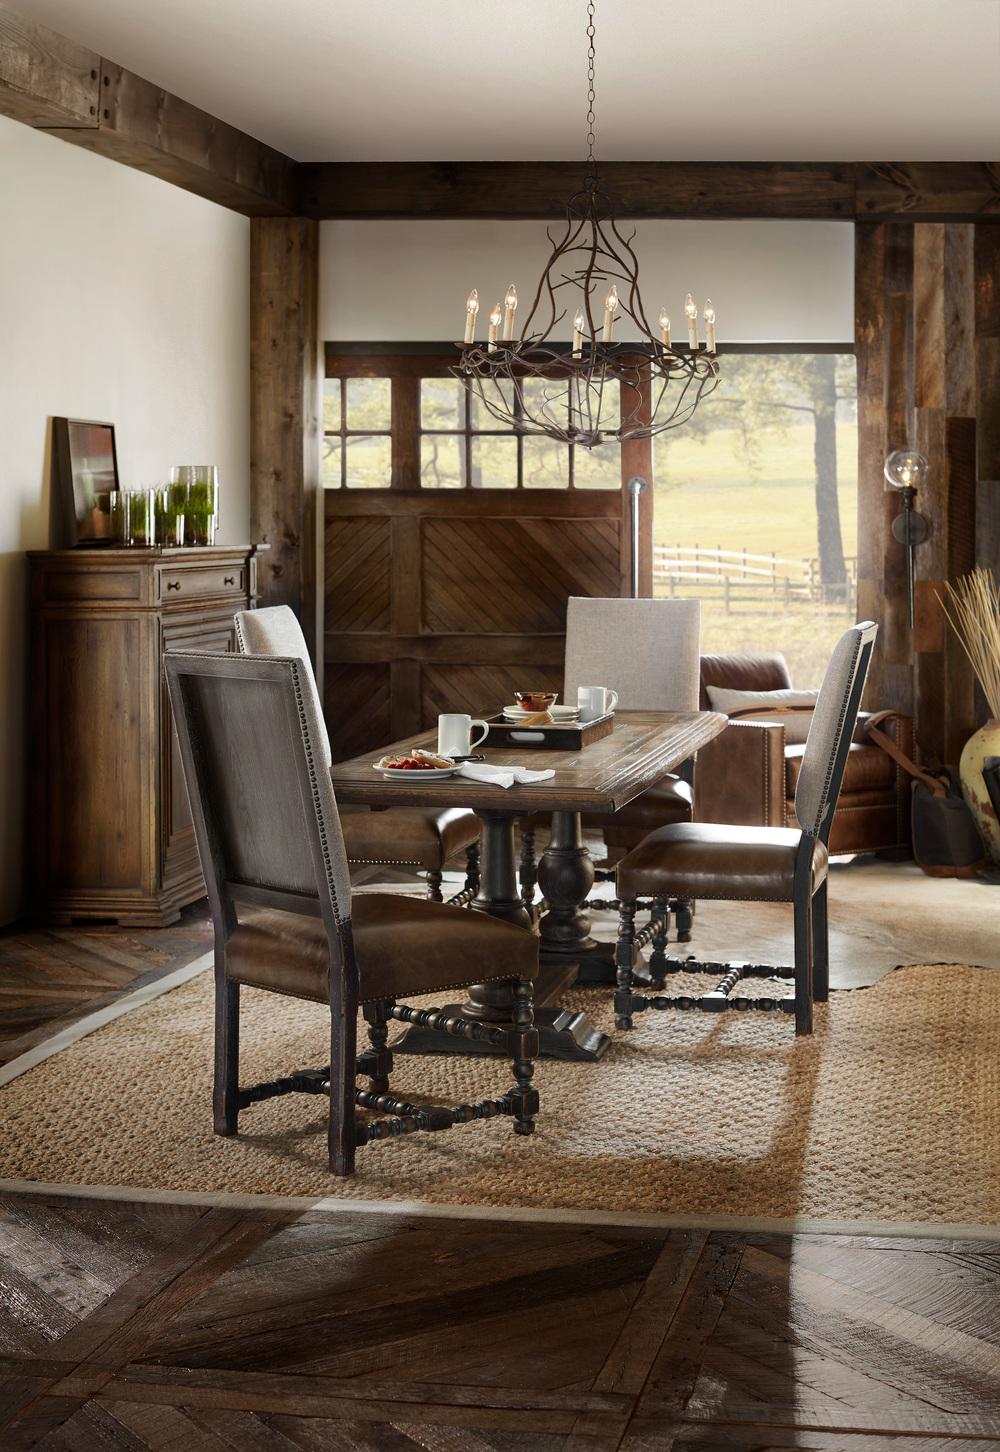 Hooker Furniture - Comfort Upholstered Side Chair